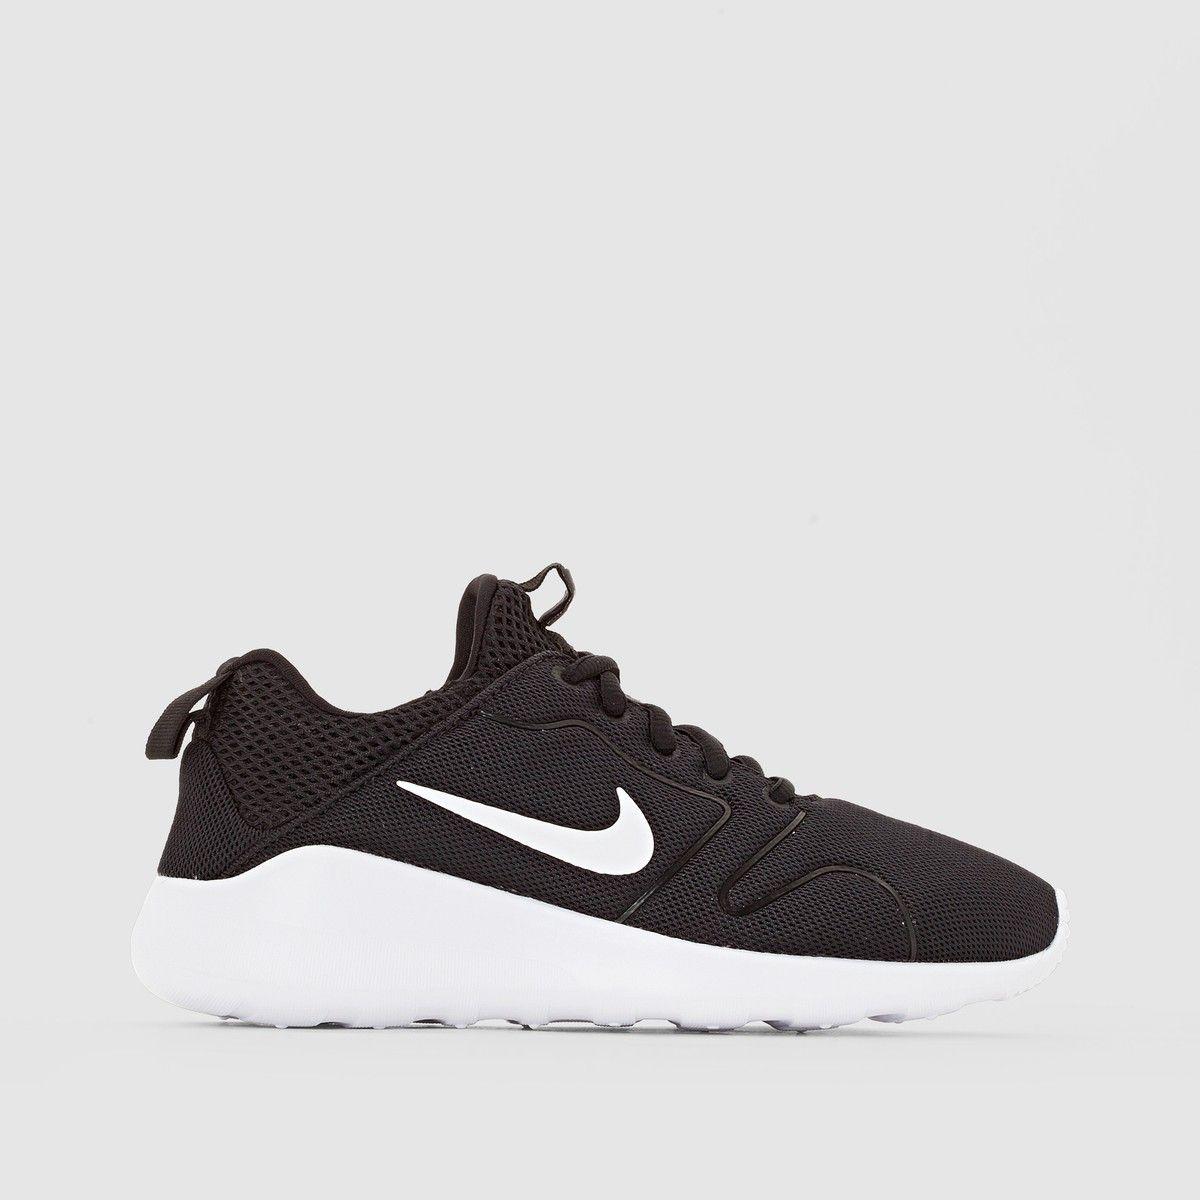 sports shoes 427f8 1d171 NIKE WMNS KAISHI 2.0. Sus puntos fuertes  estas zapatillas deportivas NIKE  respiran el confort y ofrecen una sujeción ejemplar del pie, dominando los  ...